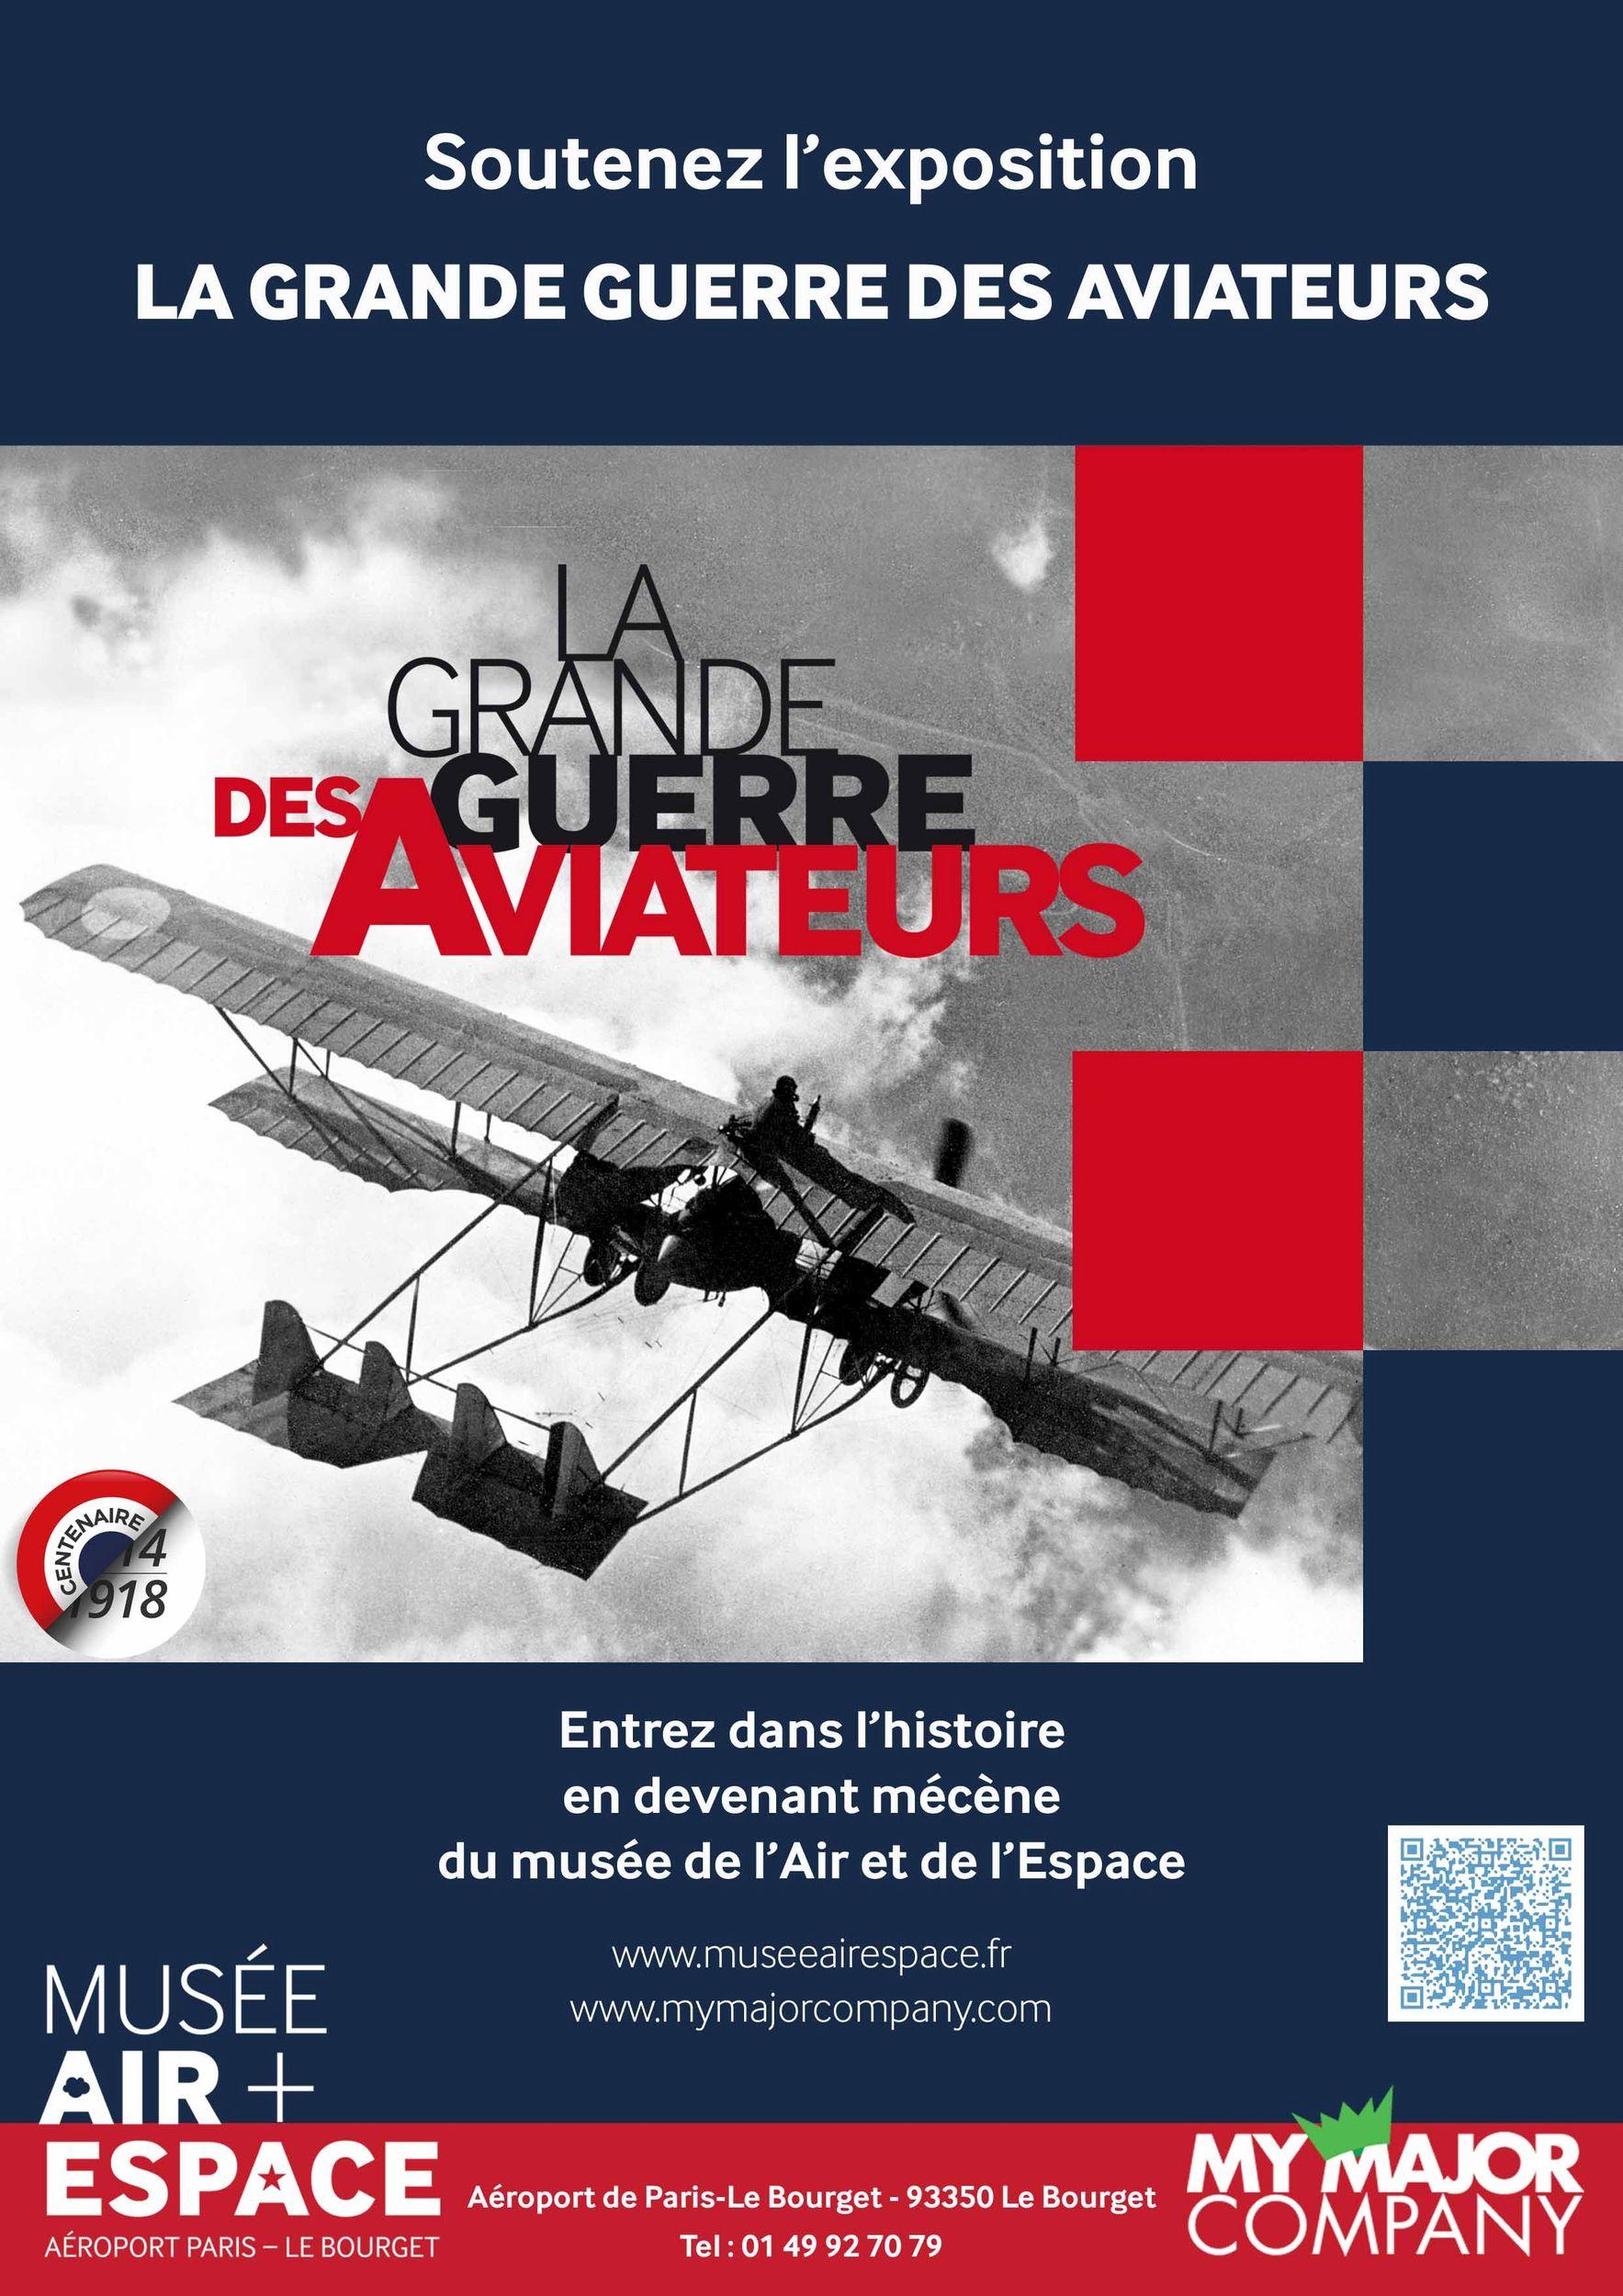 Affiche soutenez l'exposition la grande guerre des aviateurs au musée de  l'Air